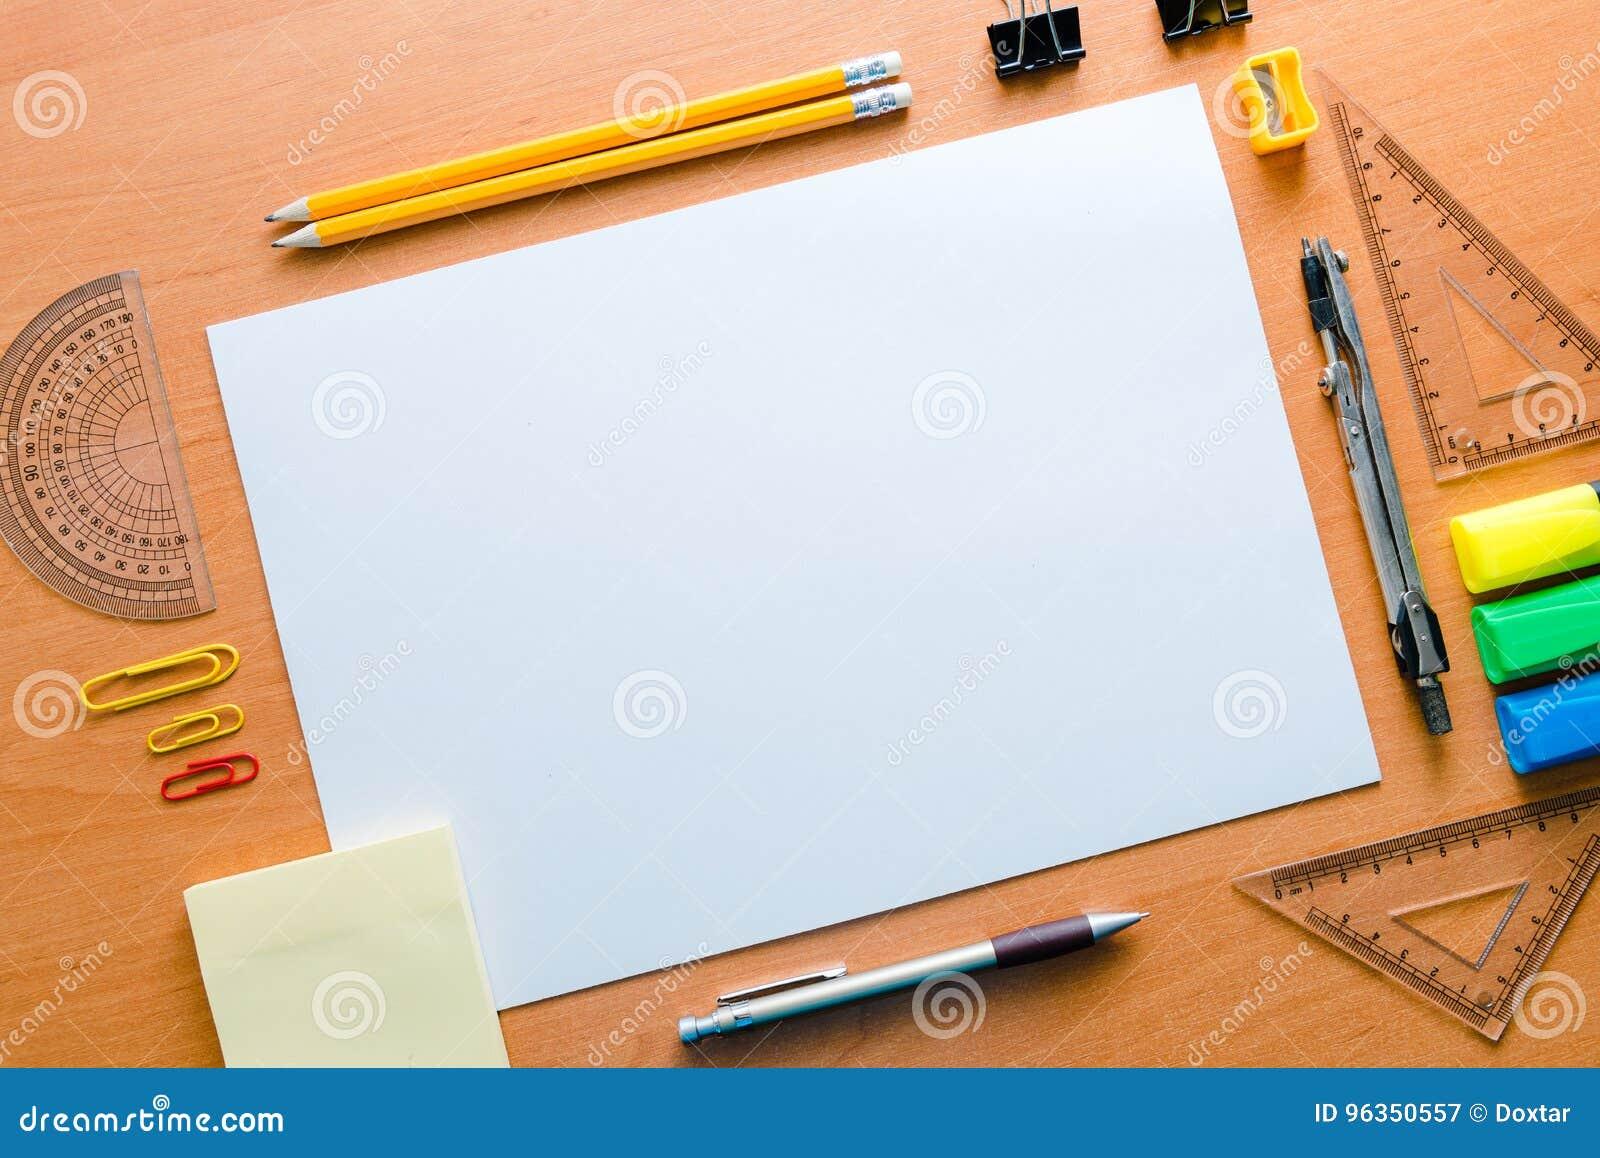 Die Aufspannfläche Der Tabelle Des Künstlers A Für Das Zeichnen